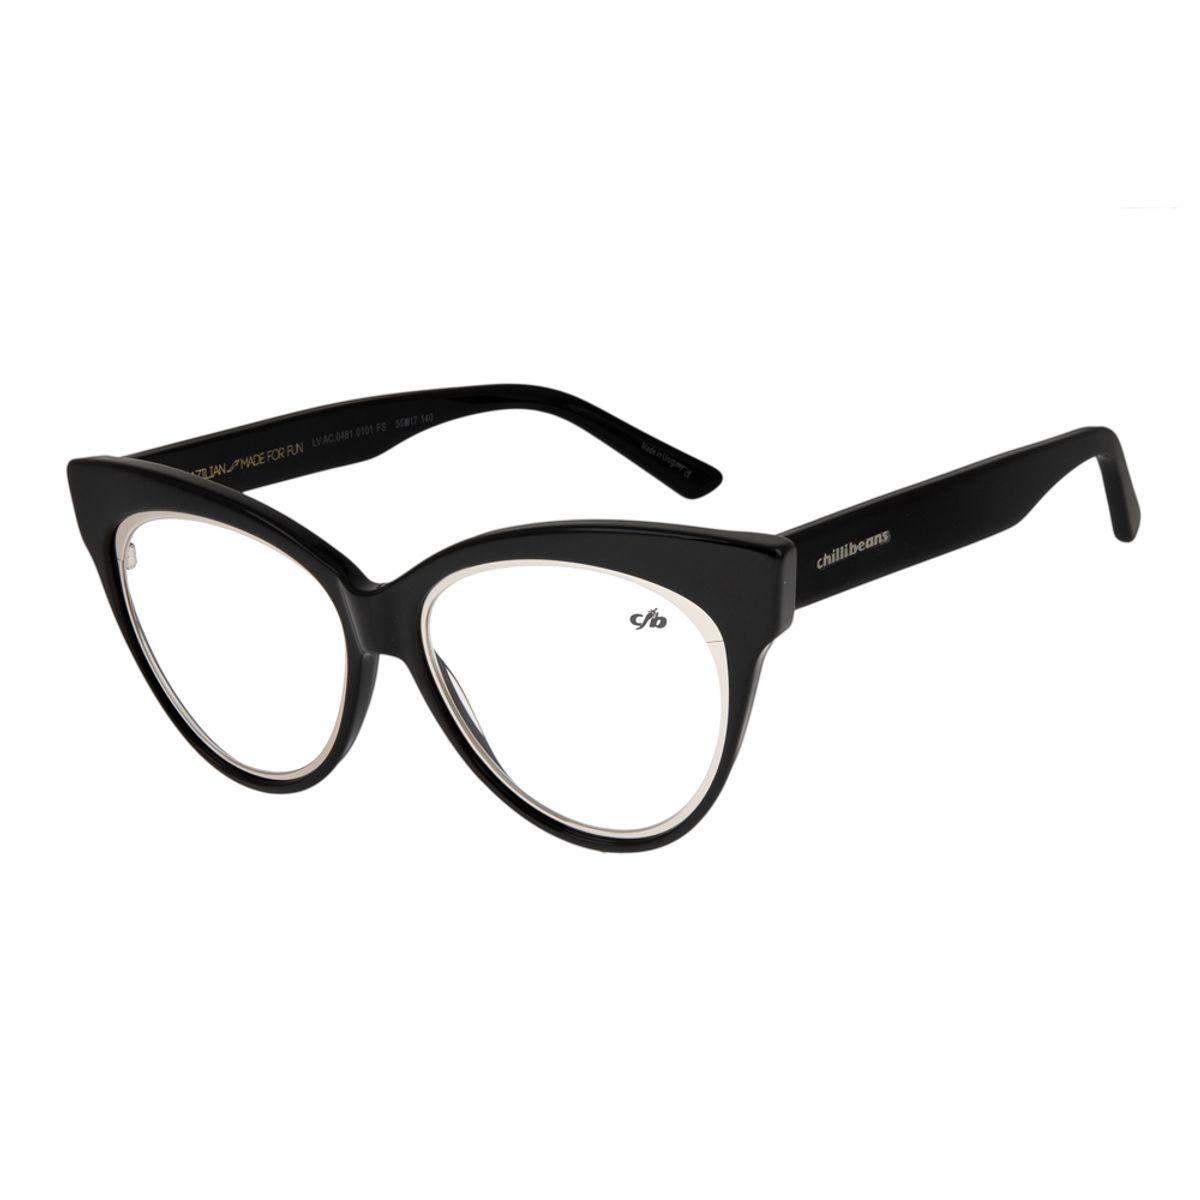 c42154a52 Armação para Óculos de Grau Feminina Chilli Beans Gatinho Preto 0481 ...